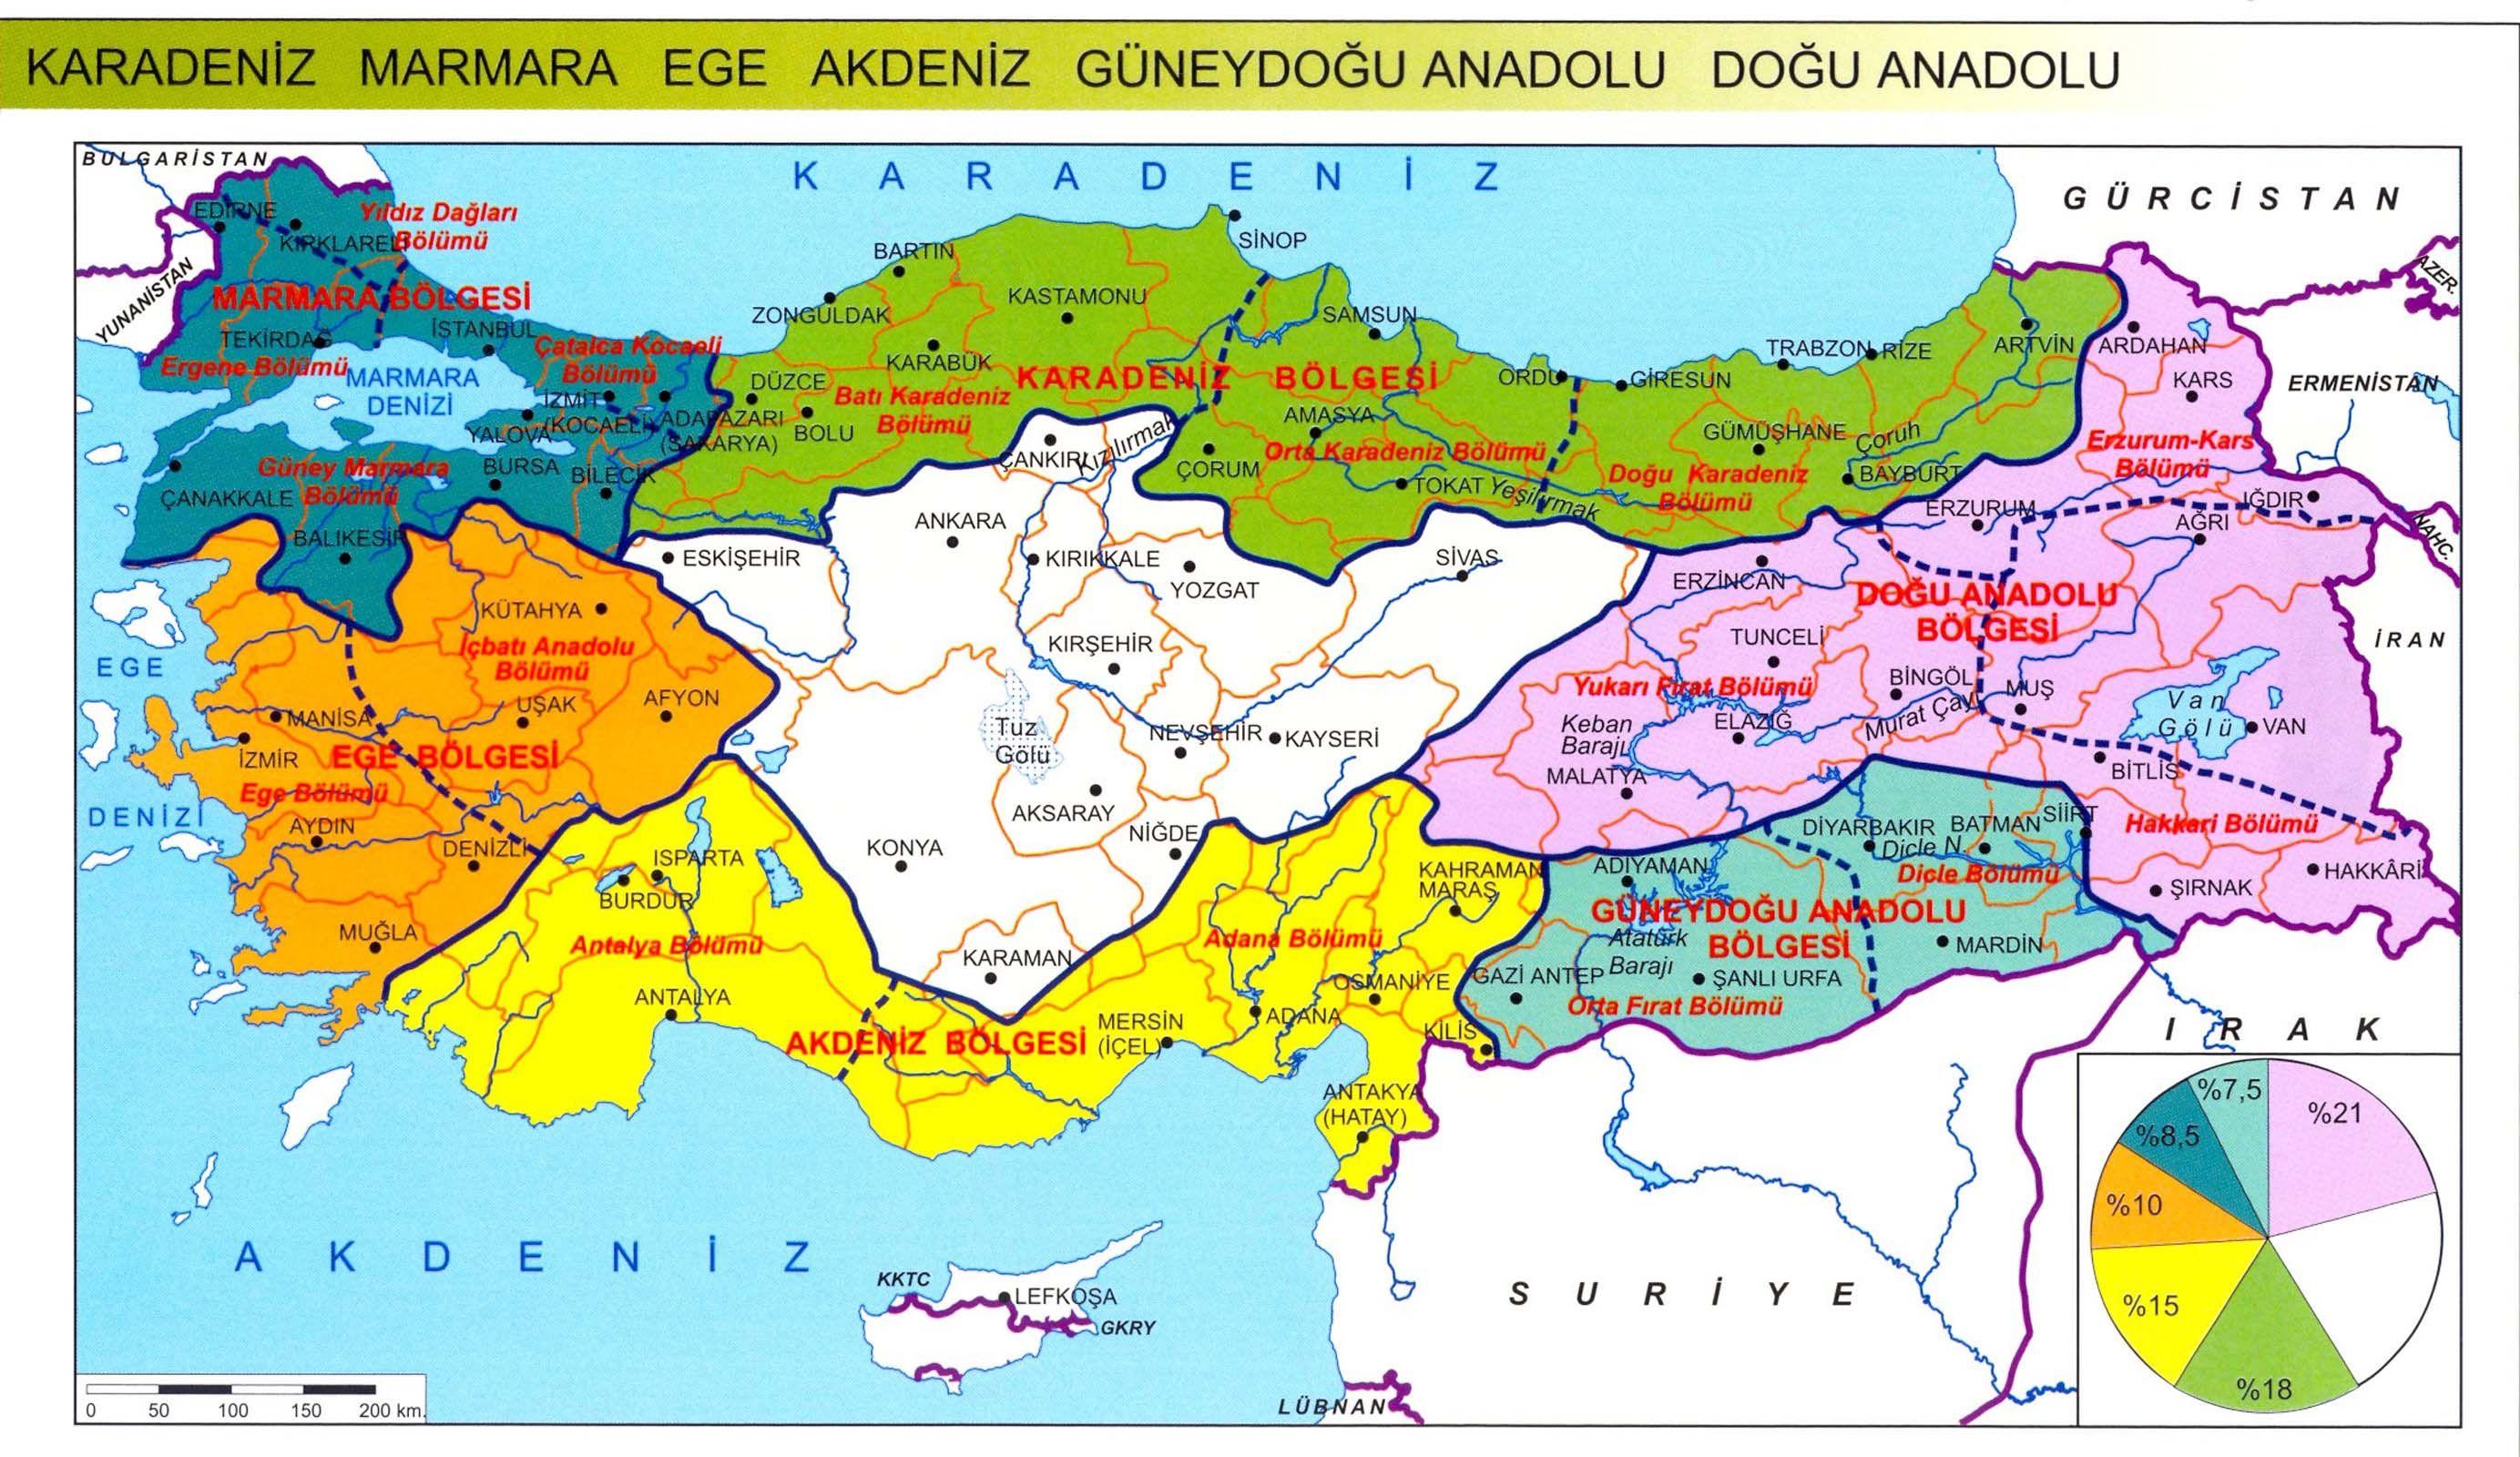 Turkiye Cografi Bolgeler Haritasi Haritalar Harita Turkiye